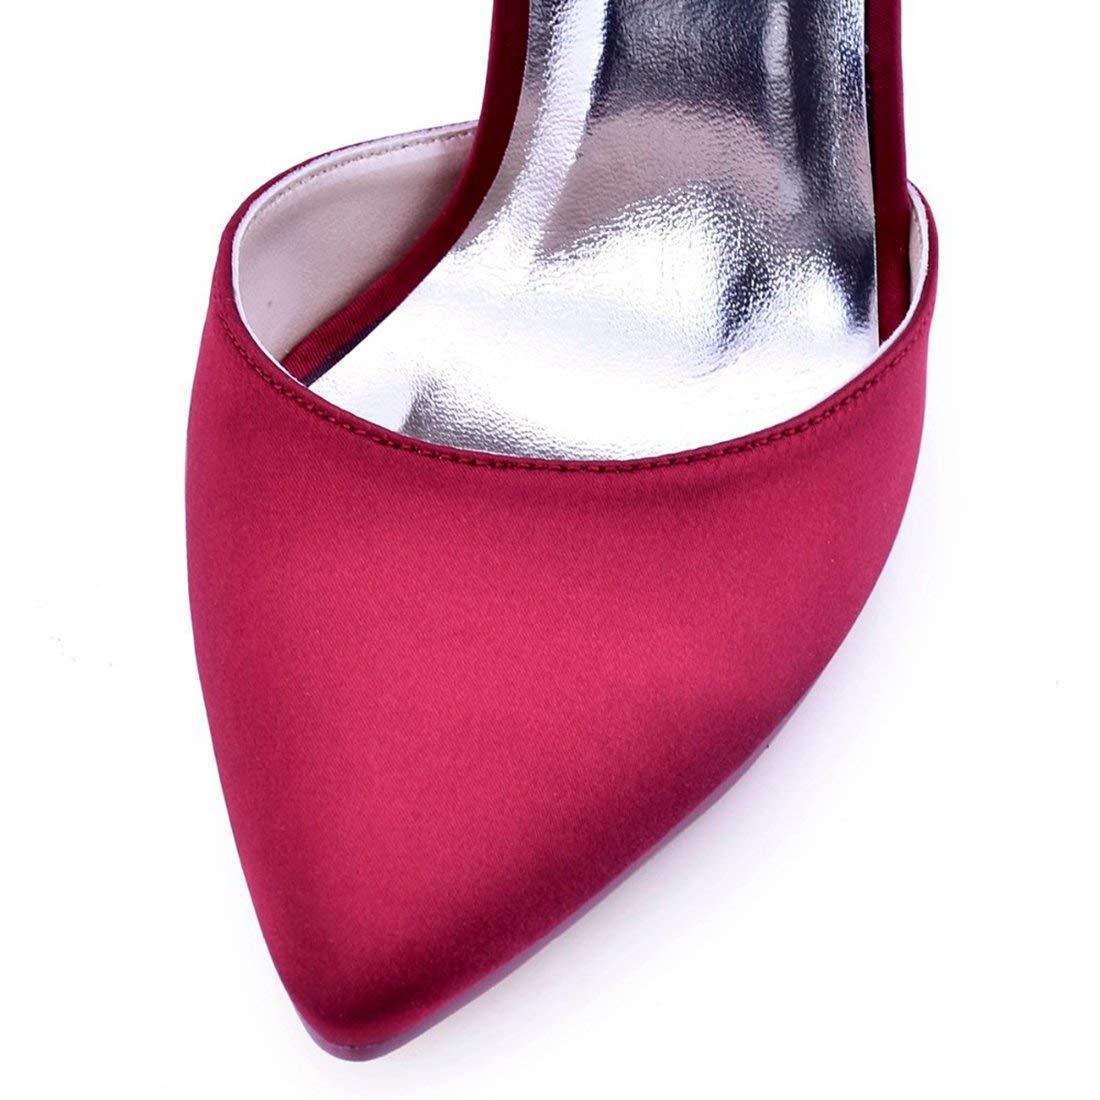 Qiusa Damen Damen Damen Spitze Knöchelriemen Burgund Satin Abend Hochzeit Pumps UK 2 (Farbe   -, Größe   -) 2afed9